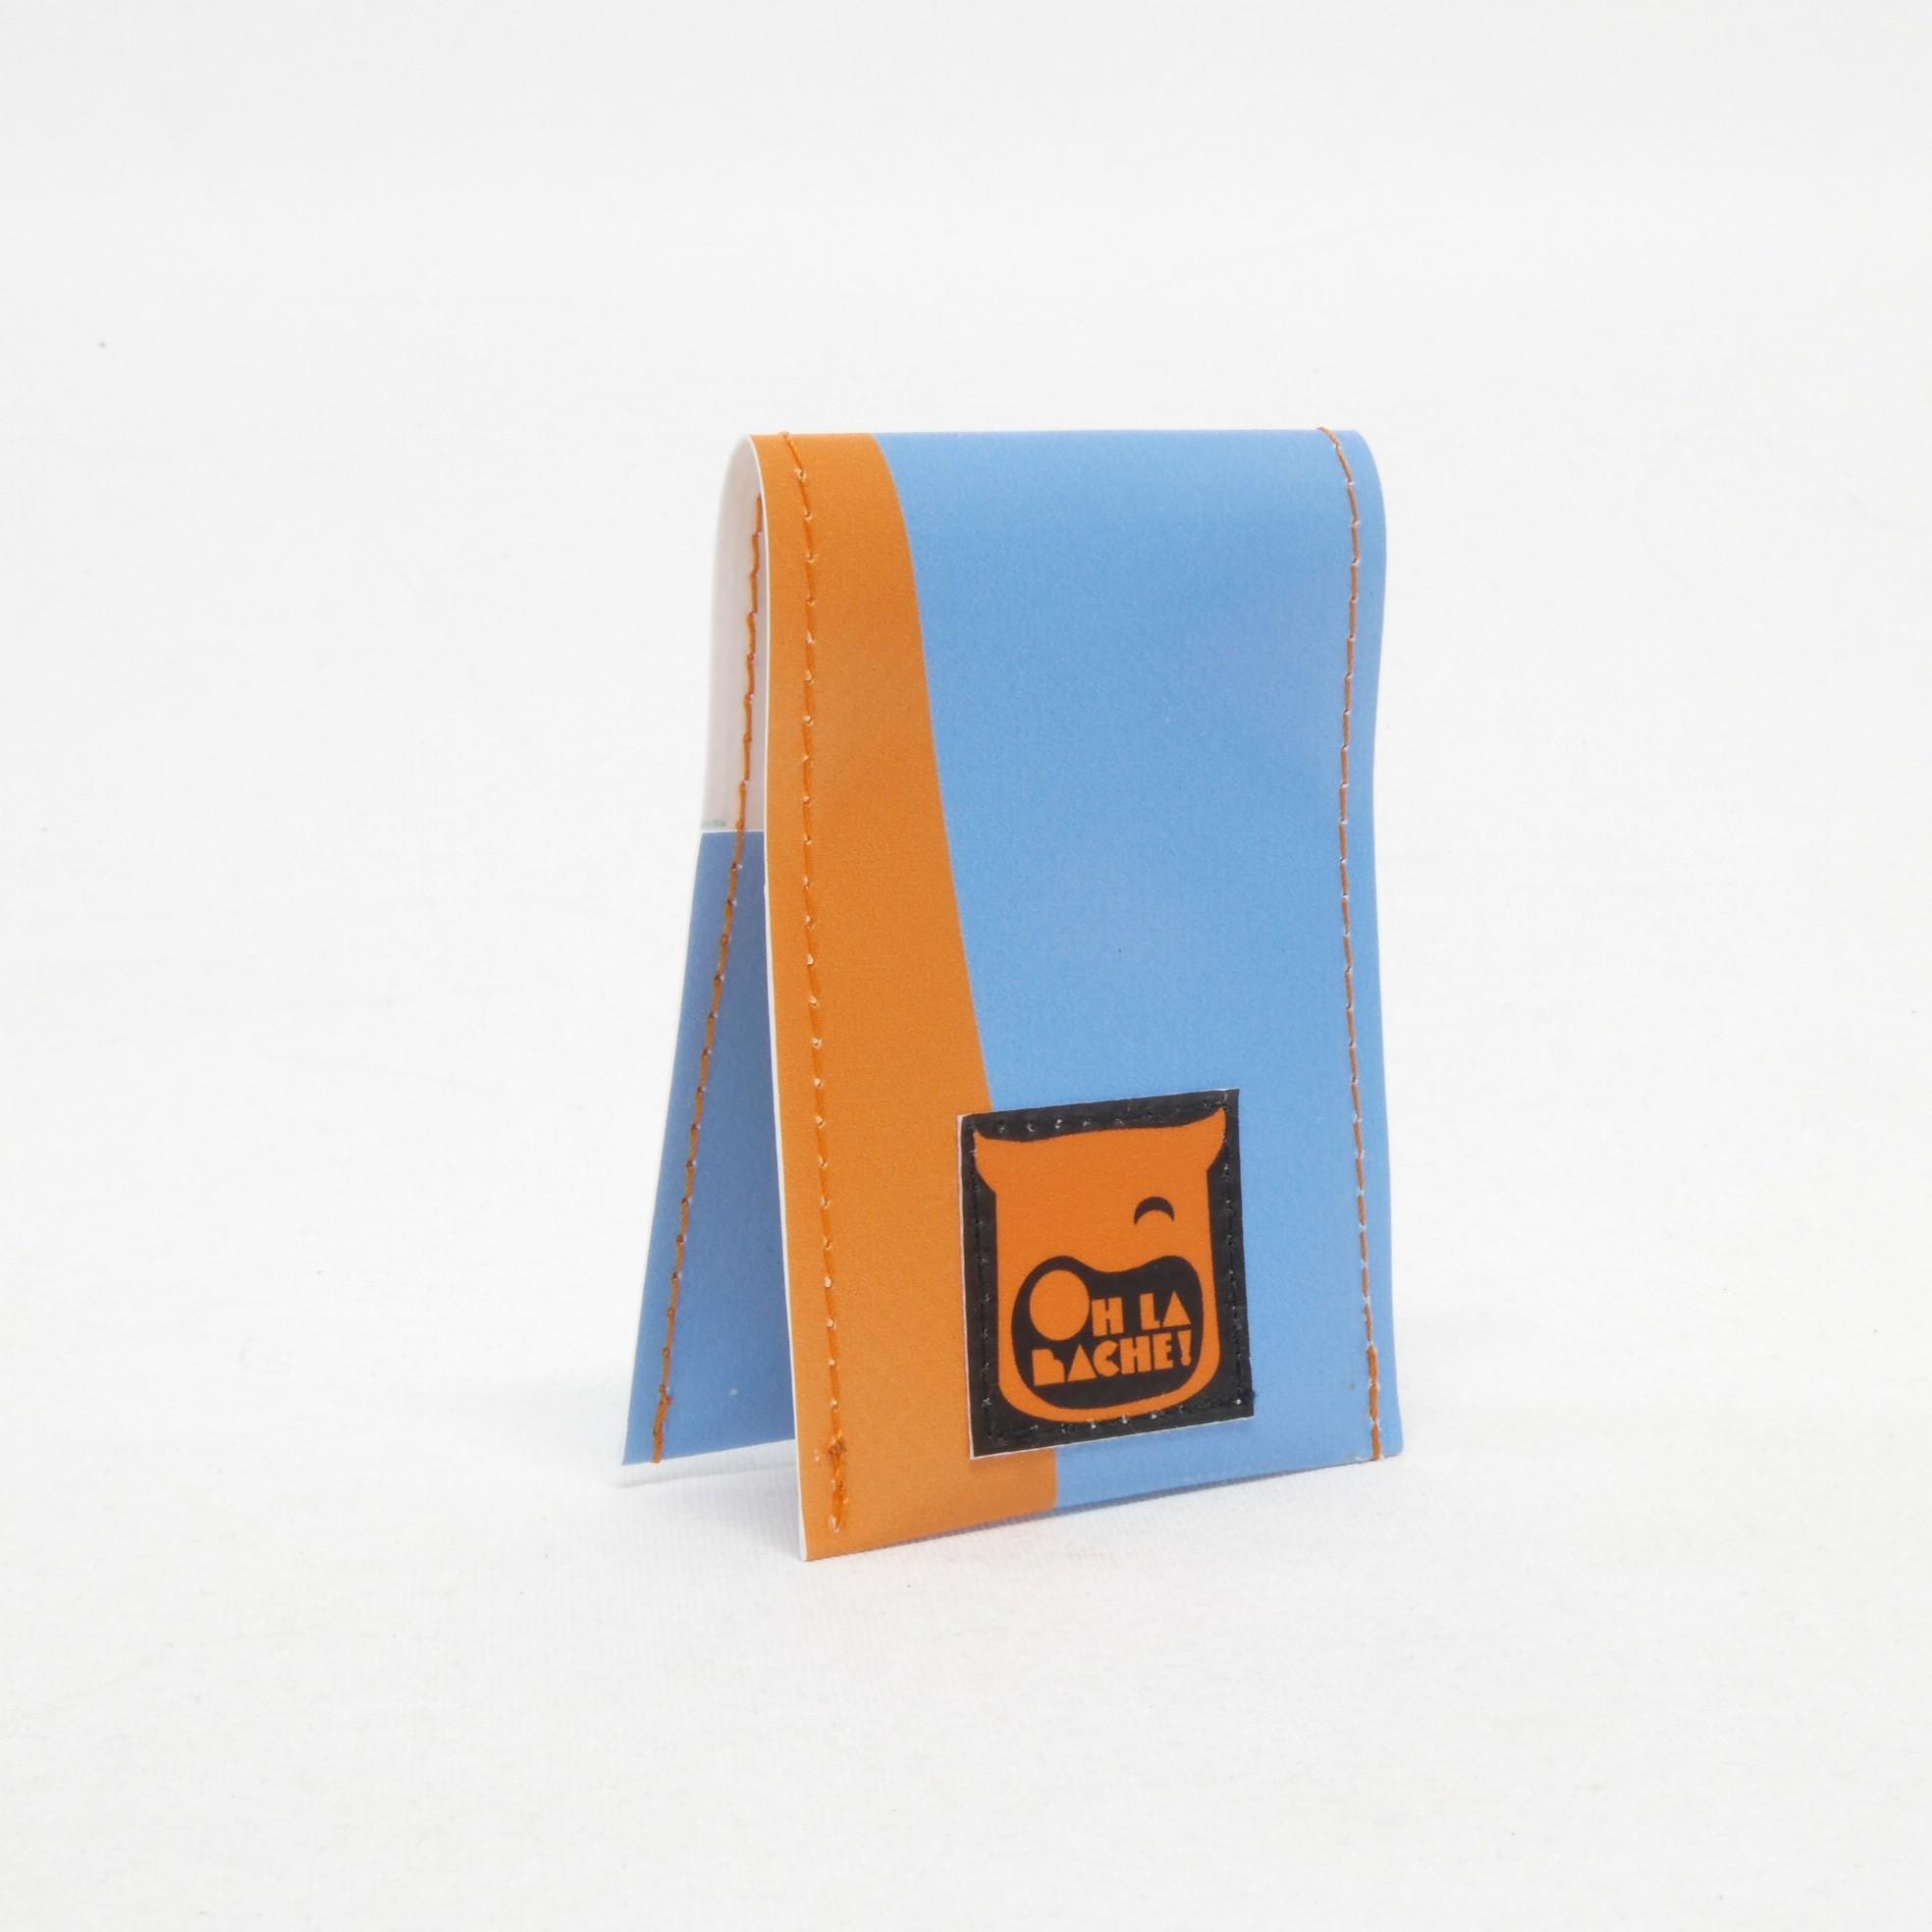 NOé Porte cartes by Oh_la_bâche! b